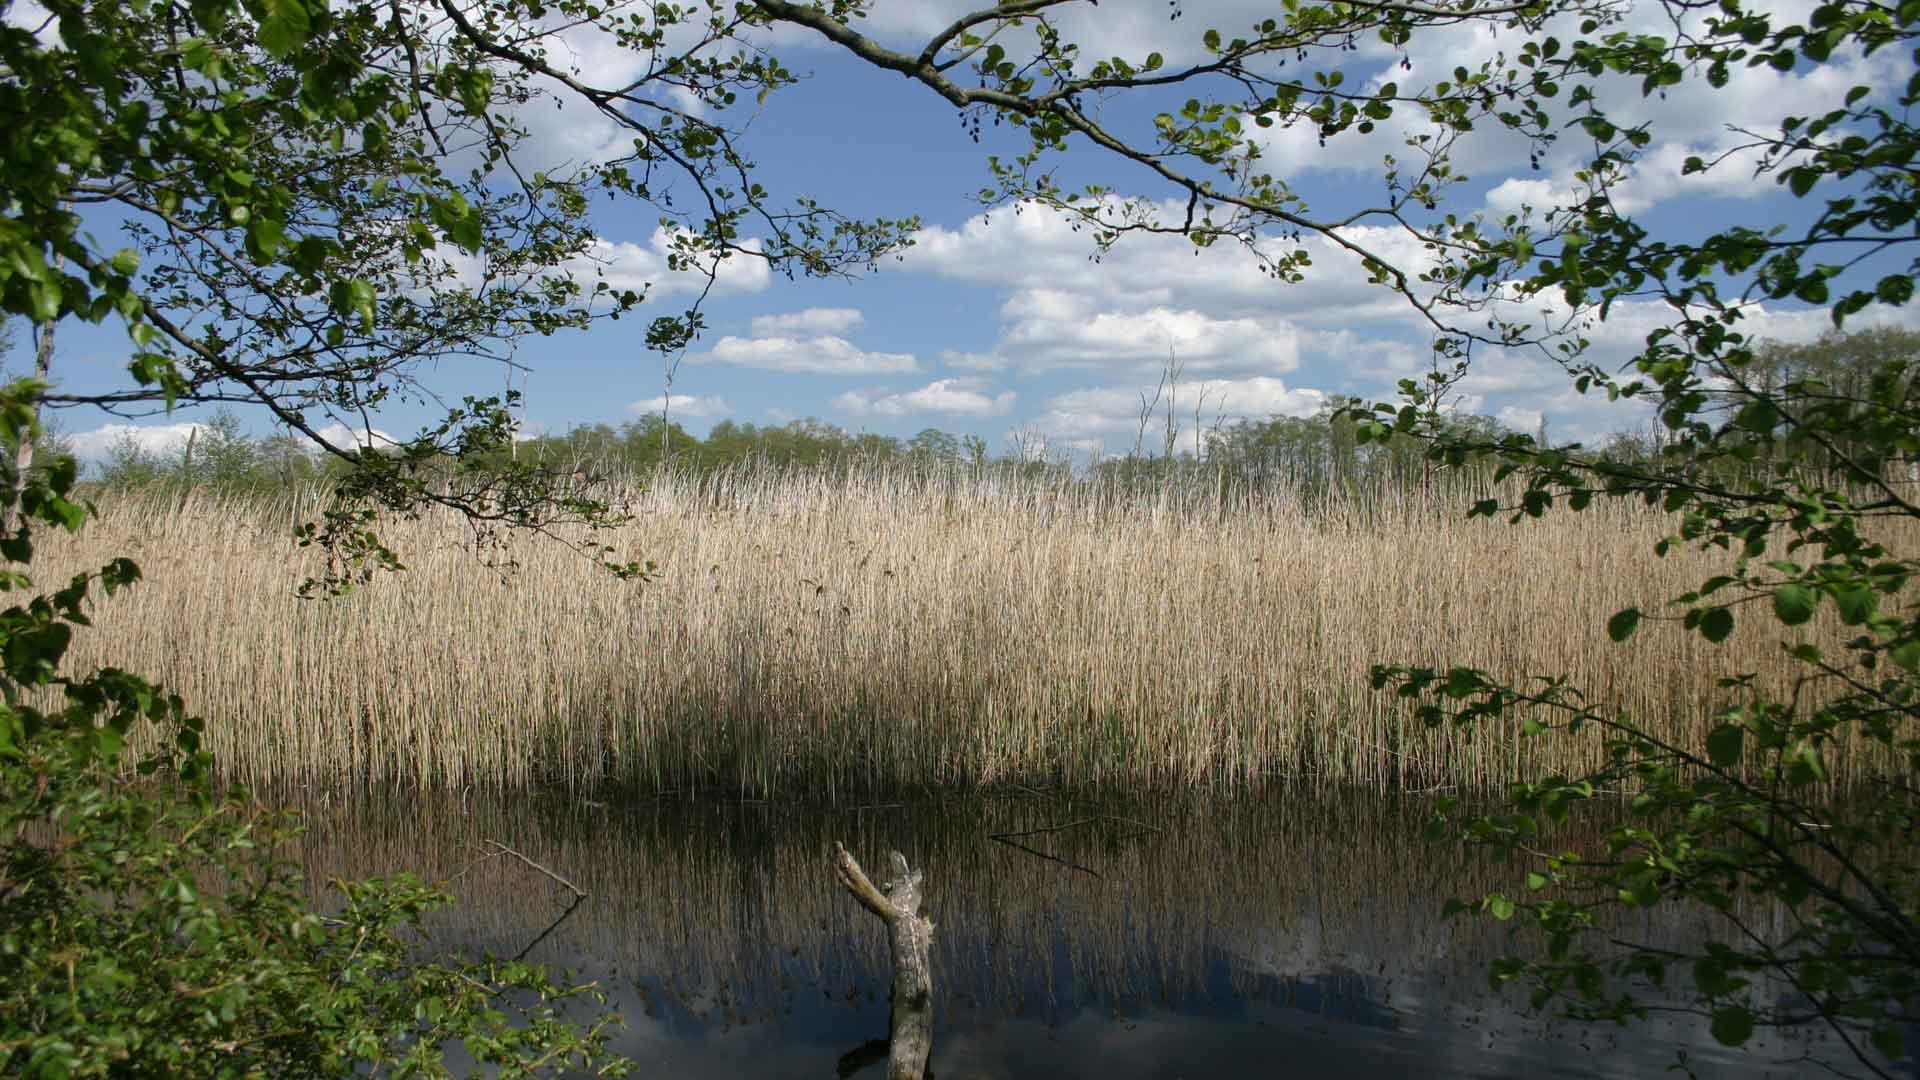 Genieten van de rust en het water in het Mecklenburger Seenland. © Martina Berg - Fotolia.com